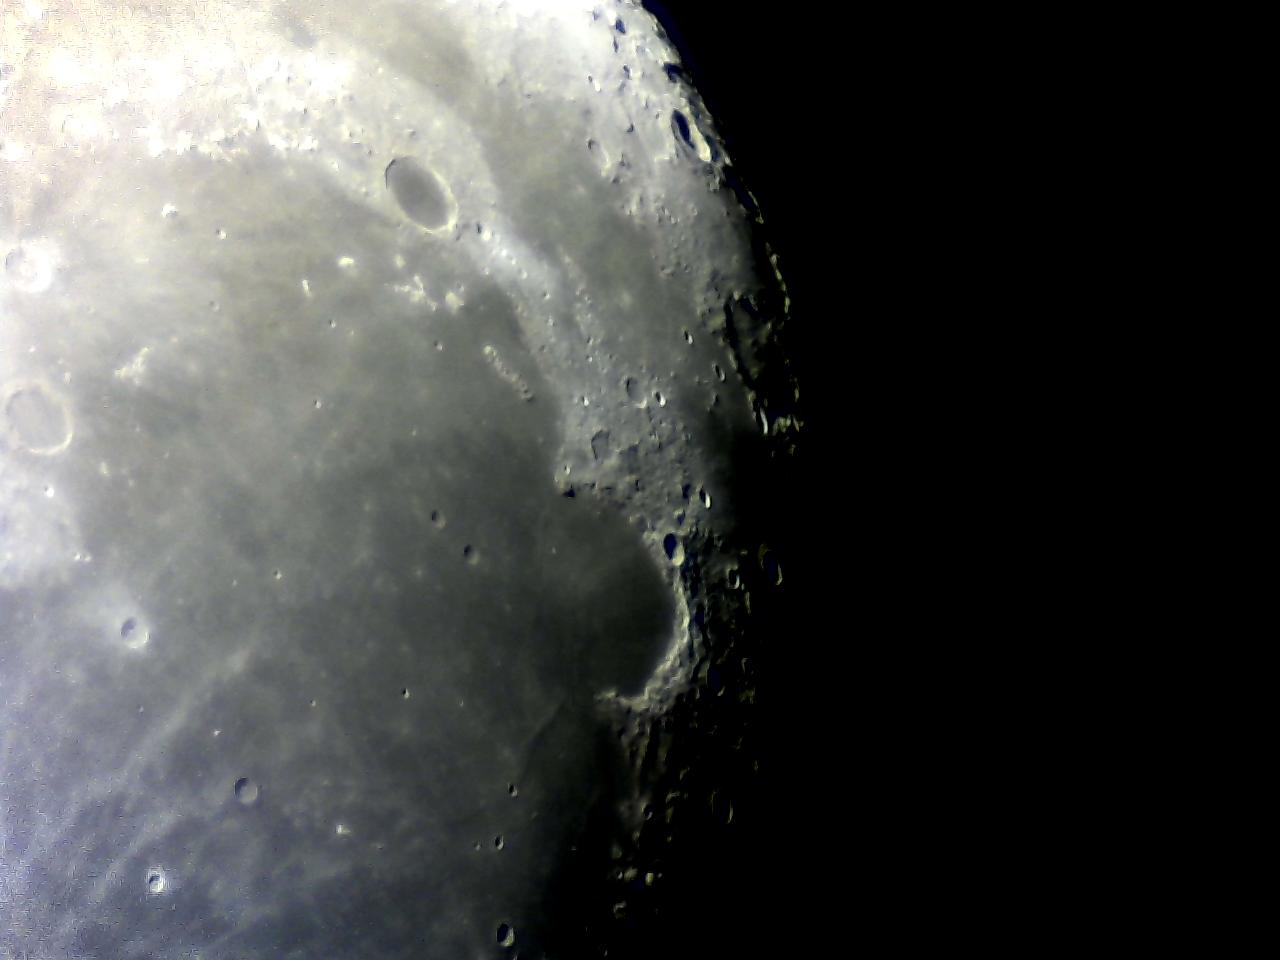 Câmera Logitech C270 + SW Explorer 200 Lua%2B-%2Bwebcam%2B%252817%2529